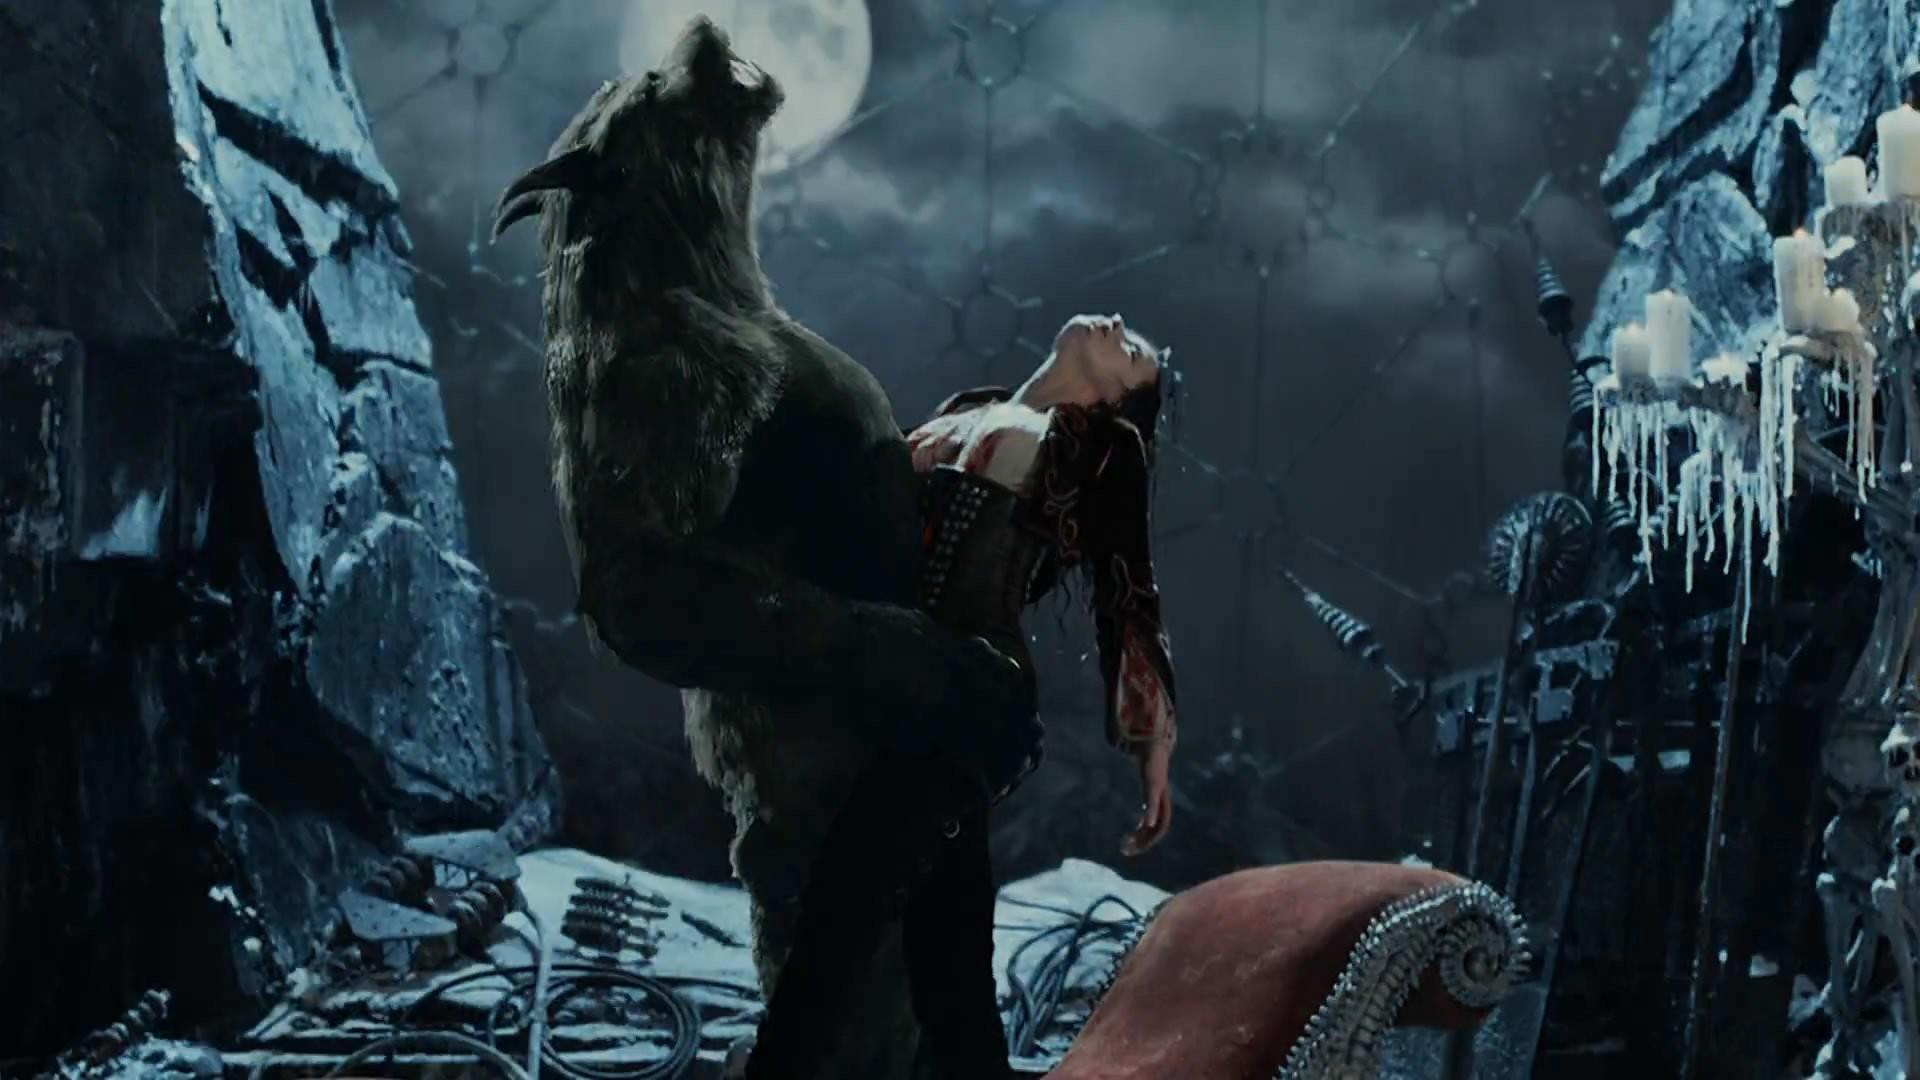 Van Helsing Werewolf Wallpapers (67+ images)